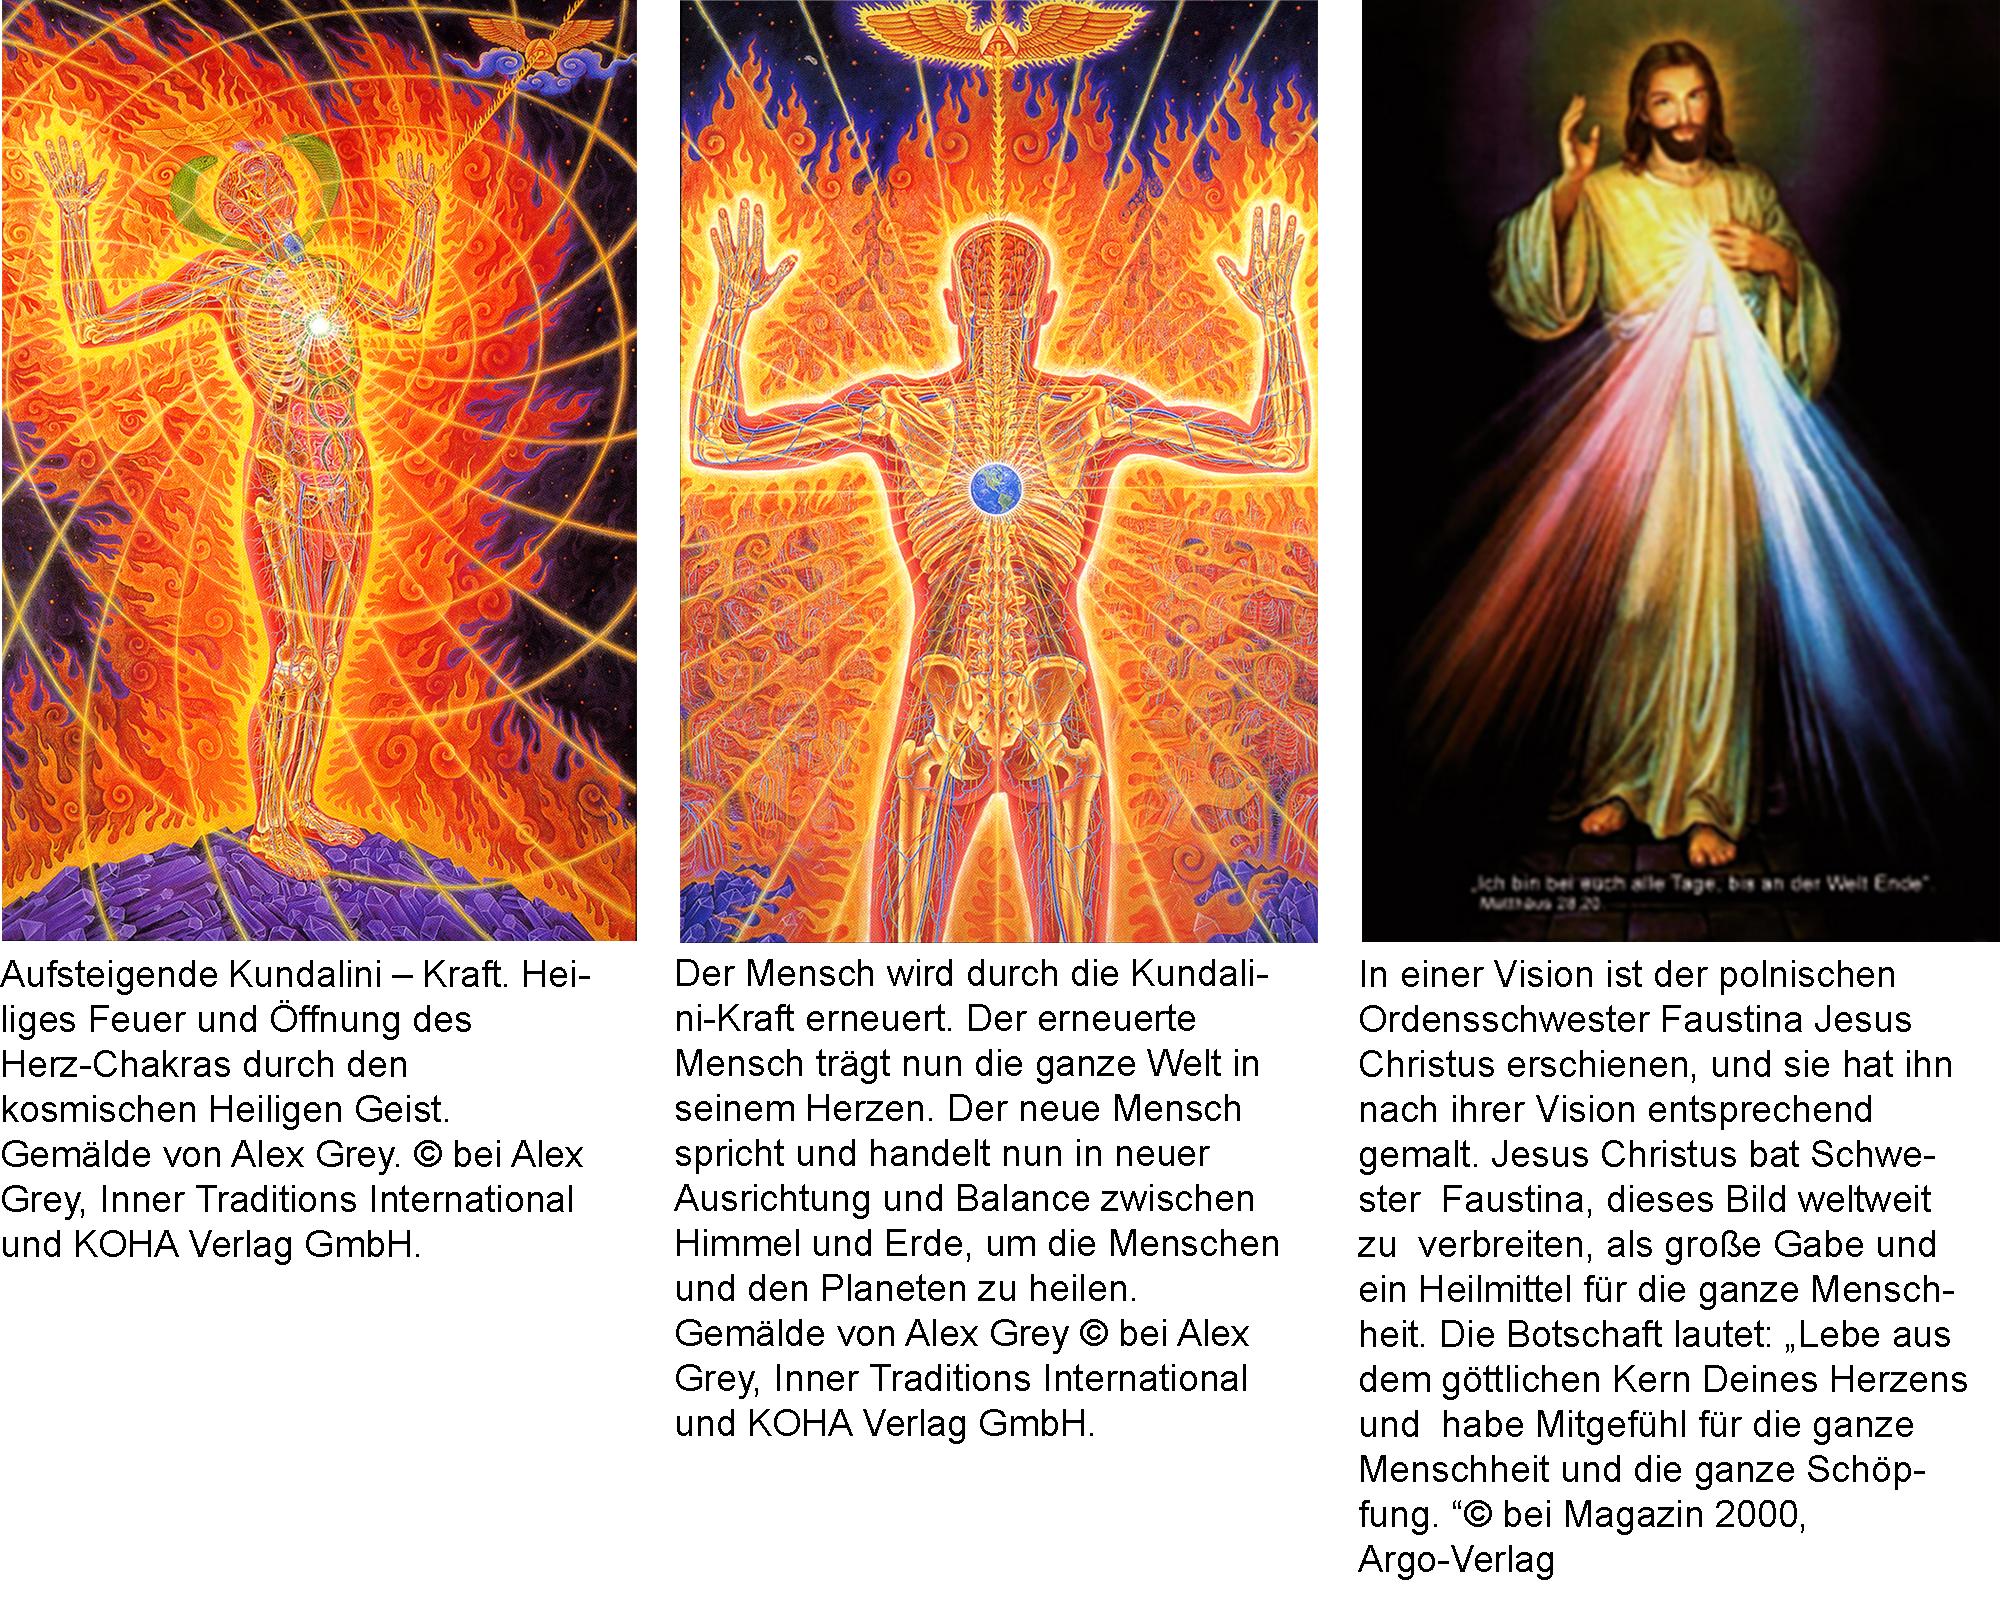 Der Mensch und die Kundalini-Kraft